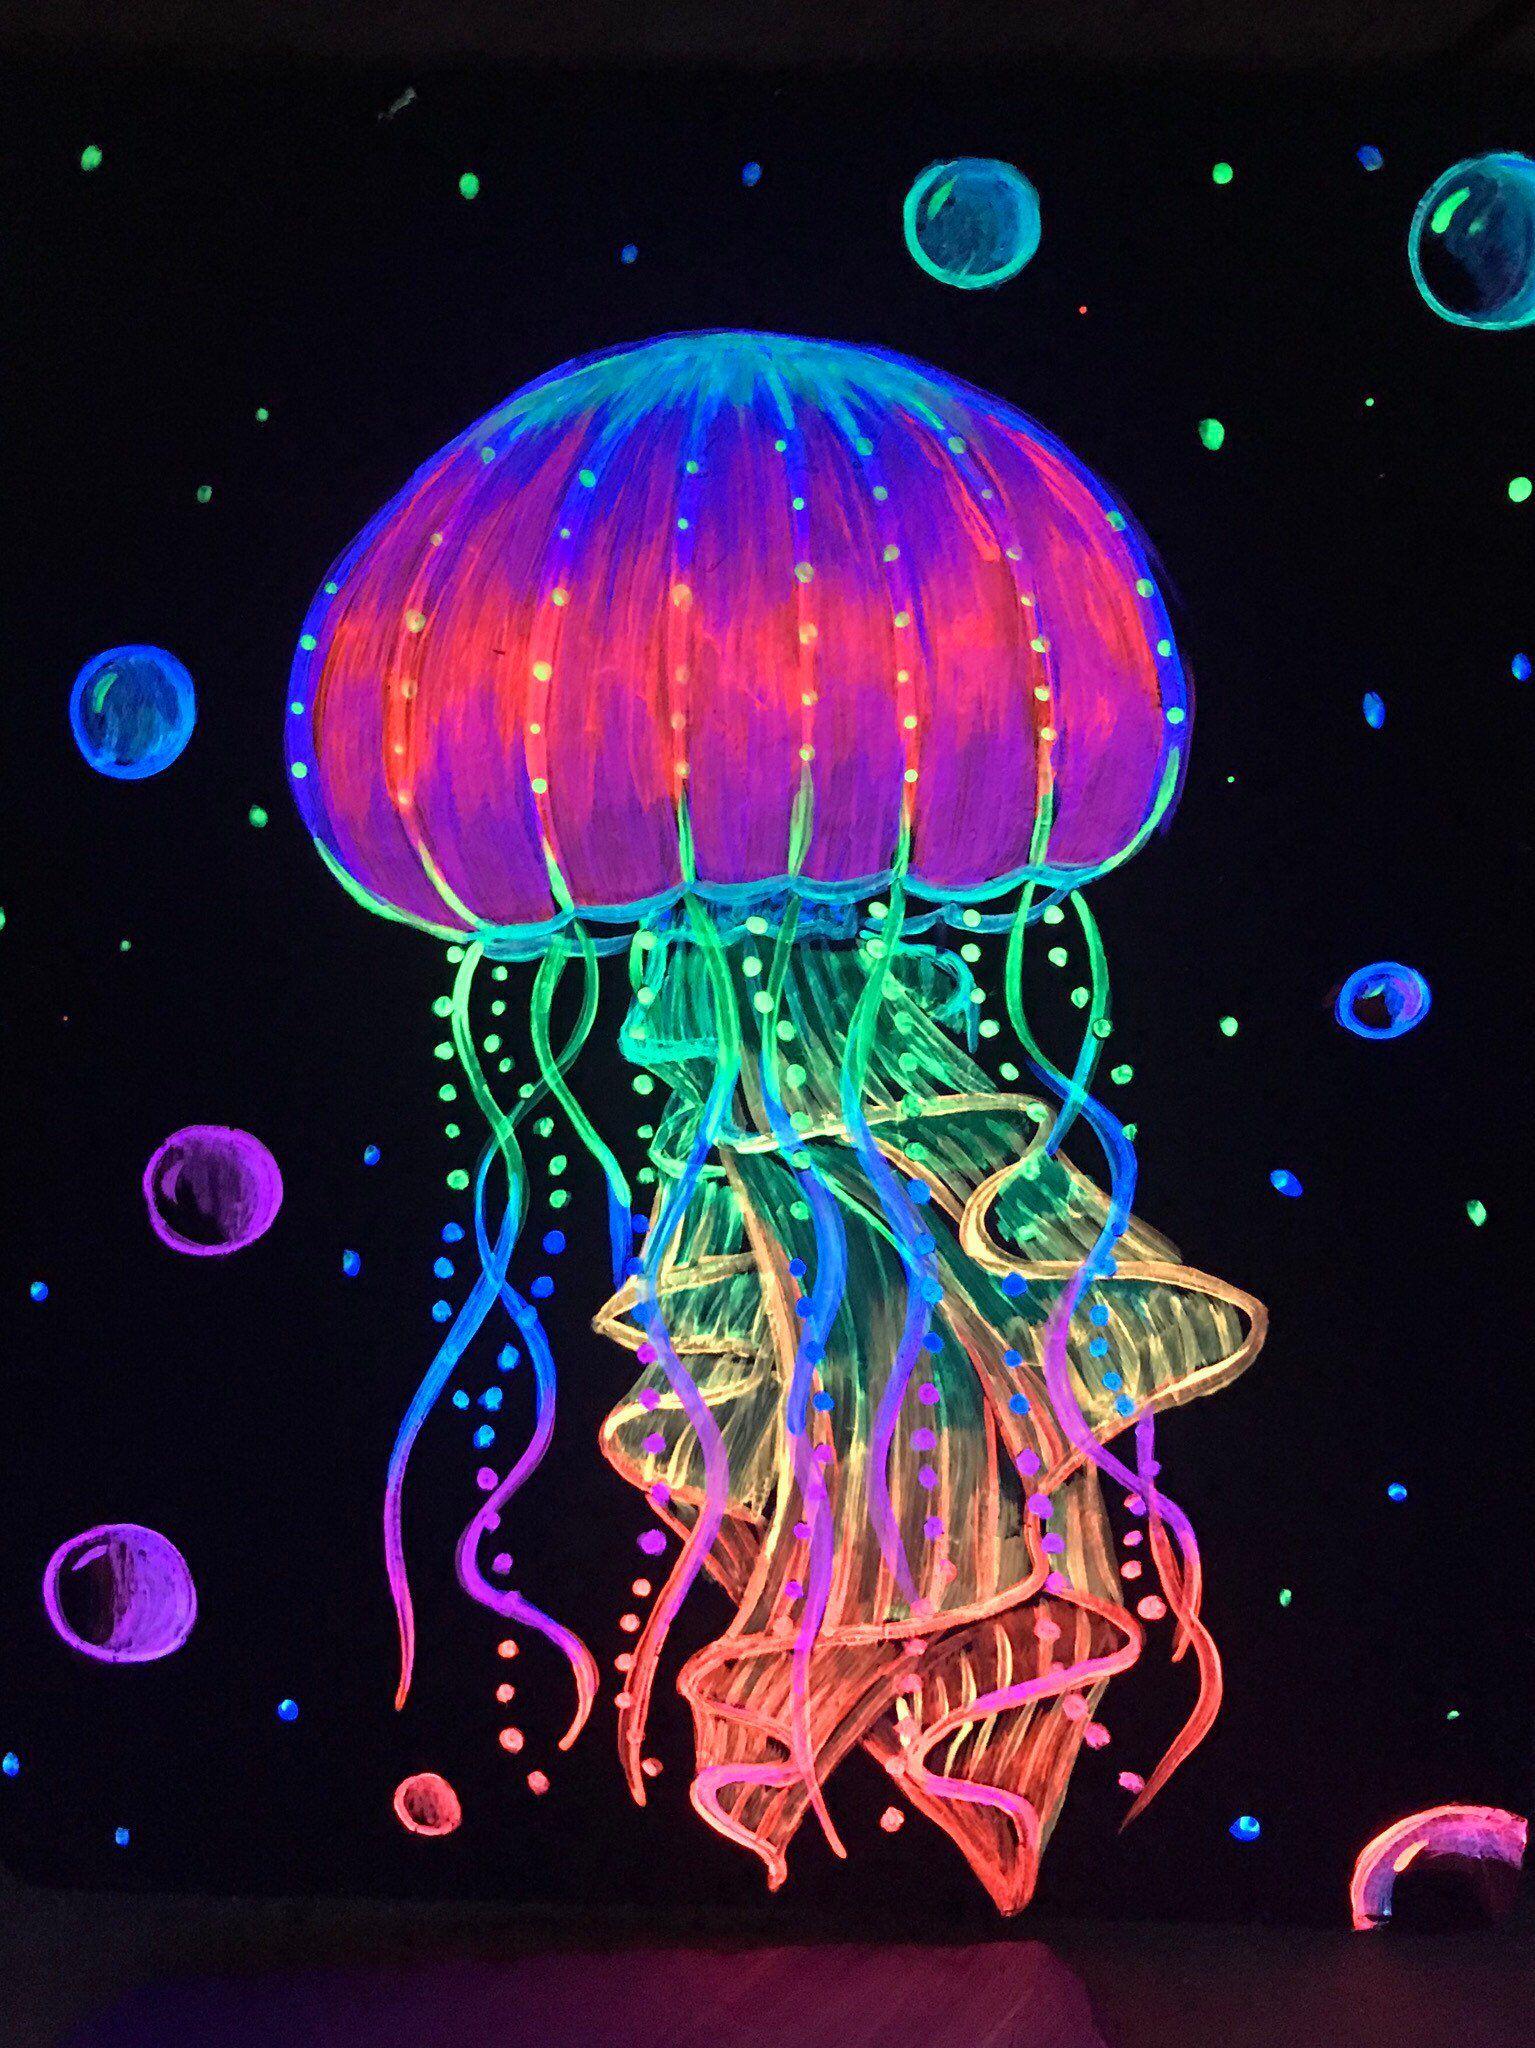 Jellyfish neon | Neon art painting, Glowing art, Jellyfish art